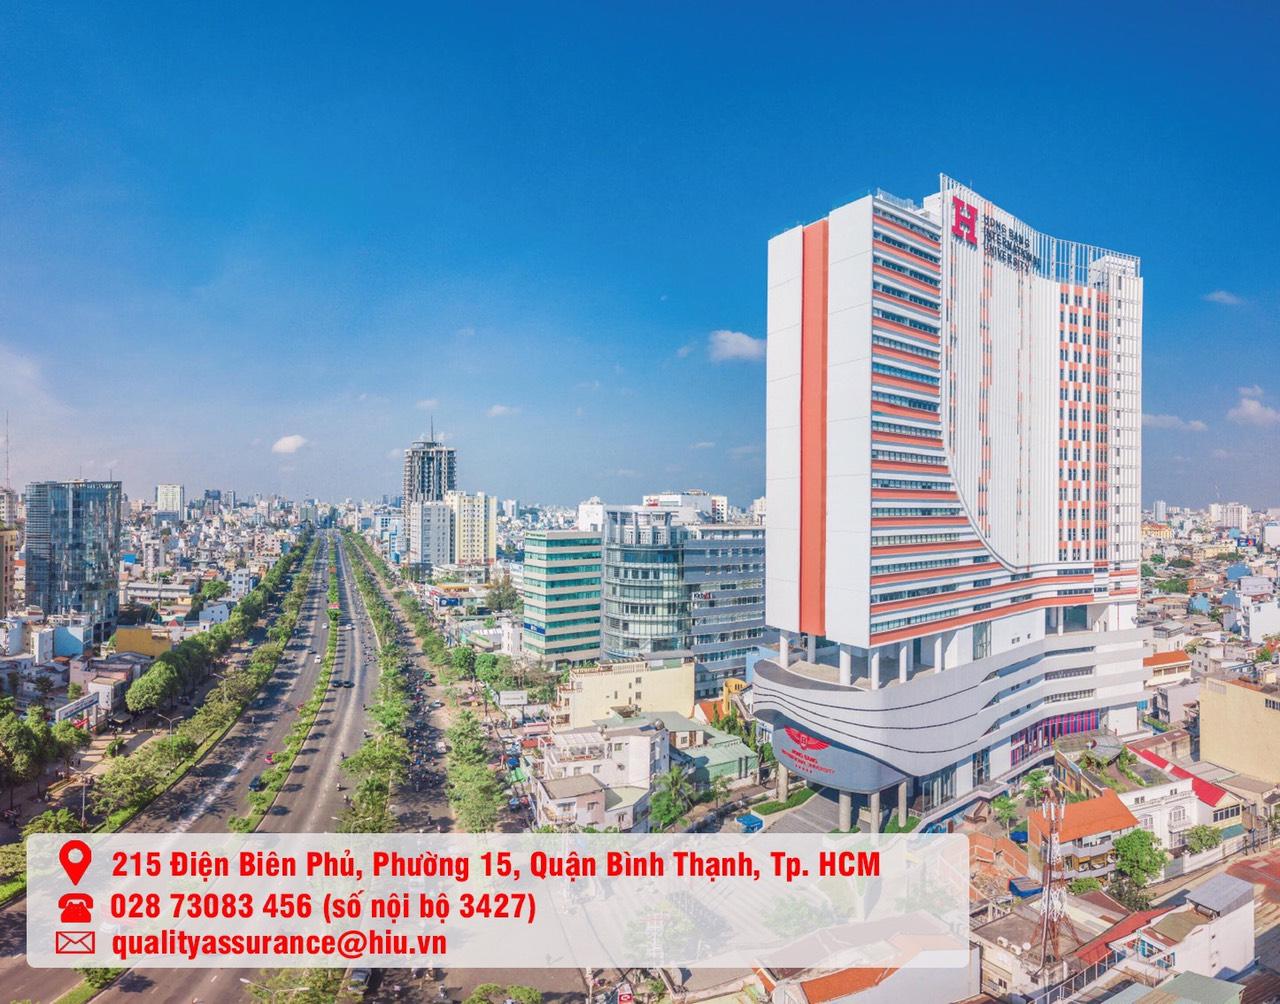 Địa chỉ: 215 Điện Biên Phủ, Phường 15, Bình Thạnh, TP. HCM